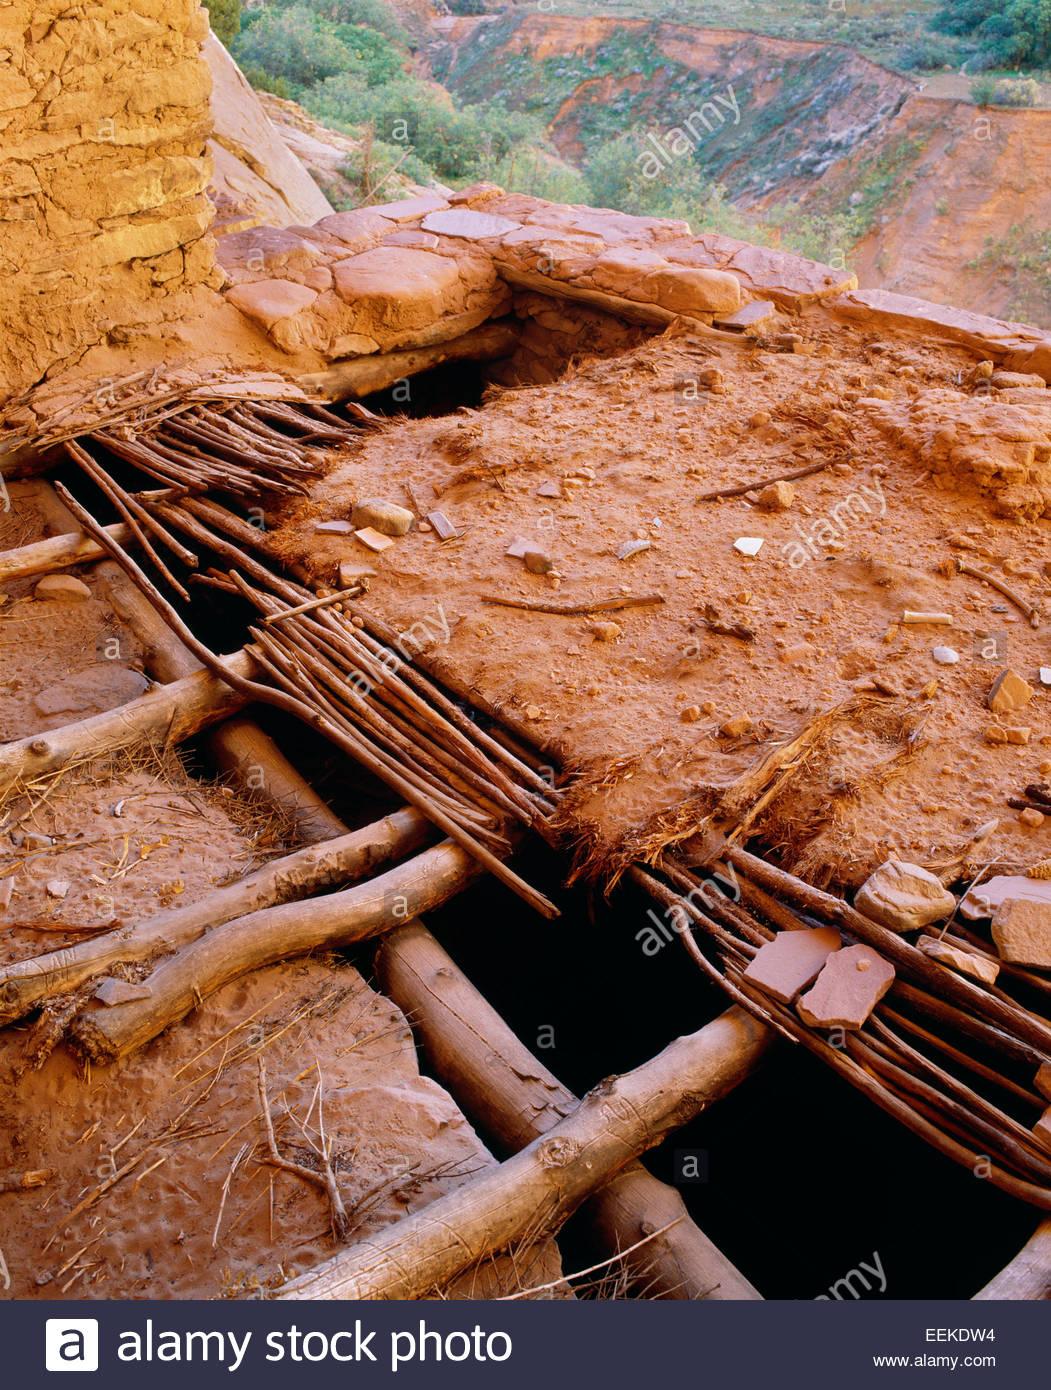 Tetto originale dettaglio di fango e salici, antica dimora Anasazi. Navajo National Monument, Arizona. Immagini Stock